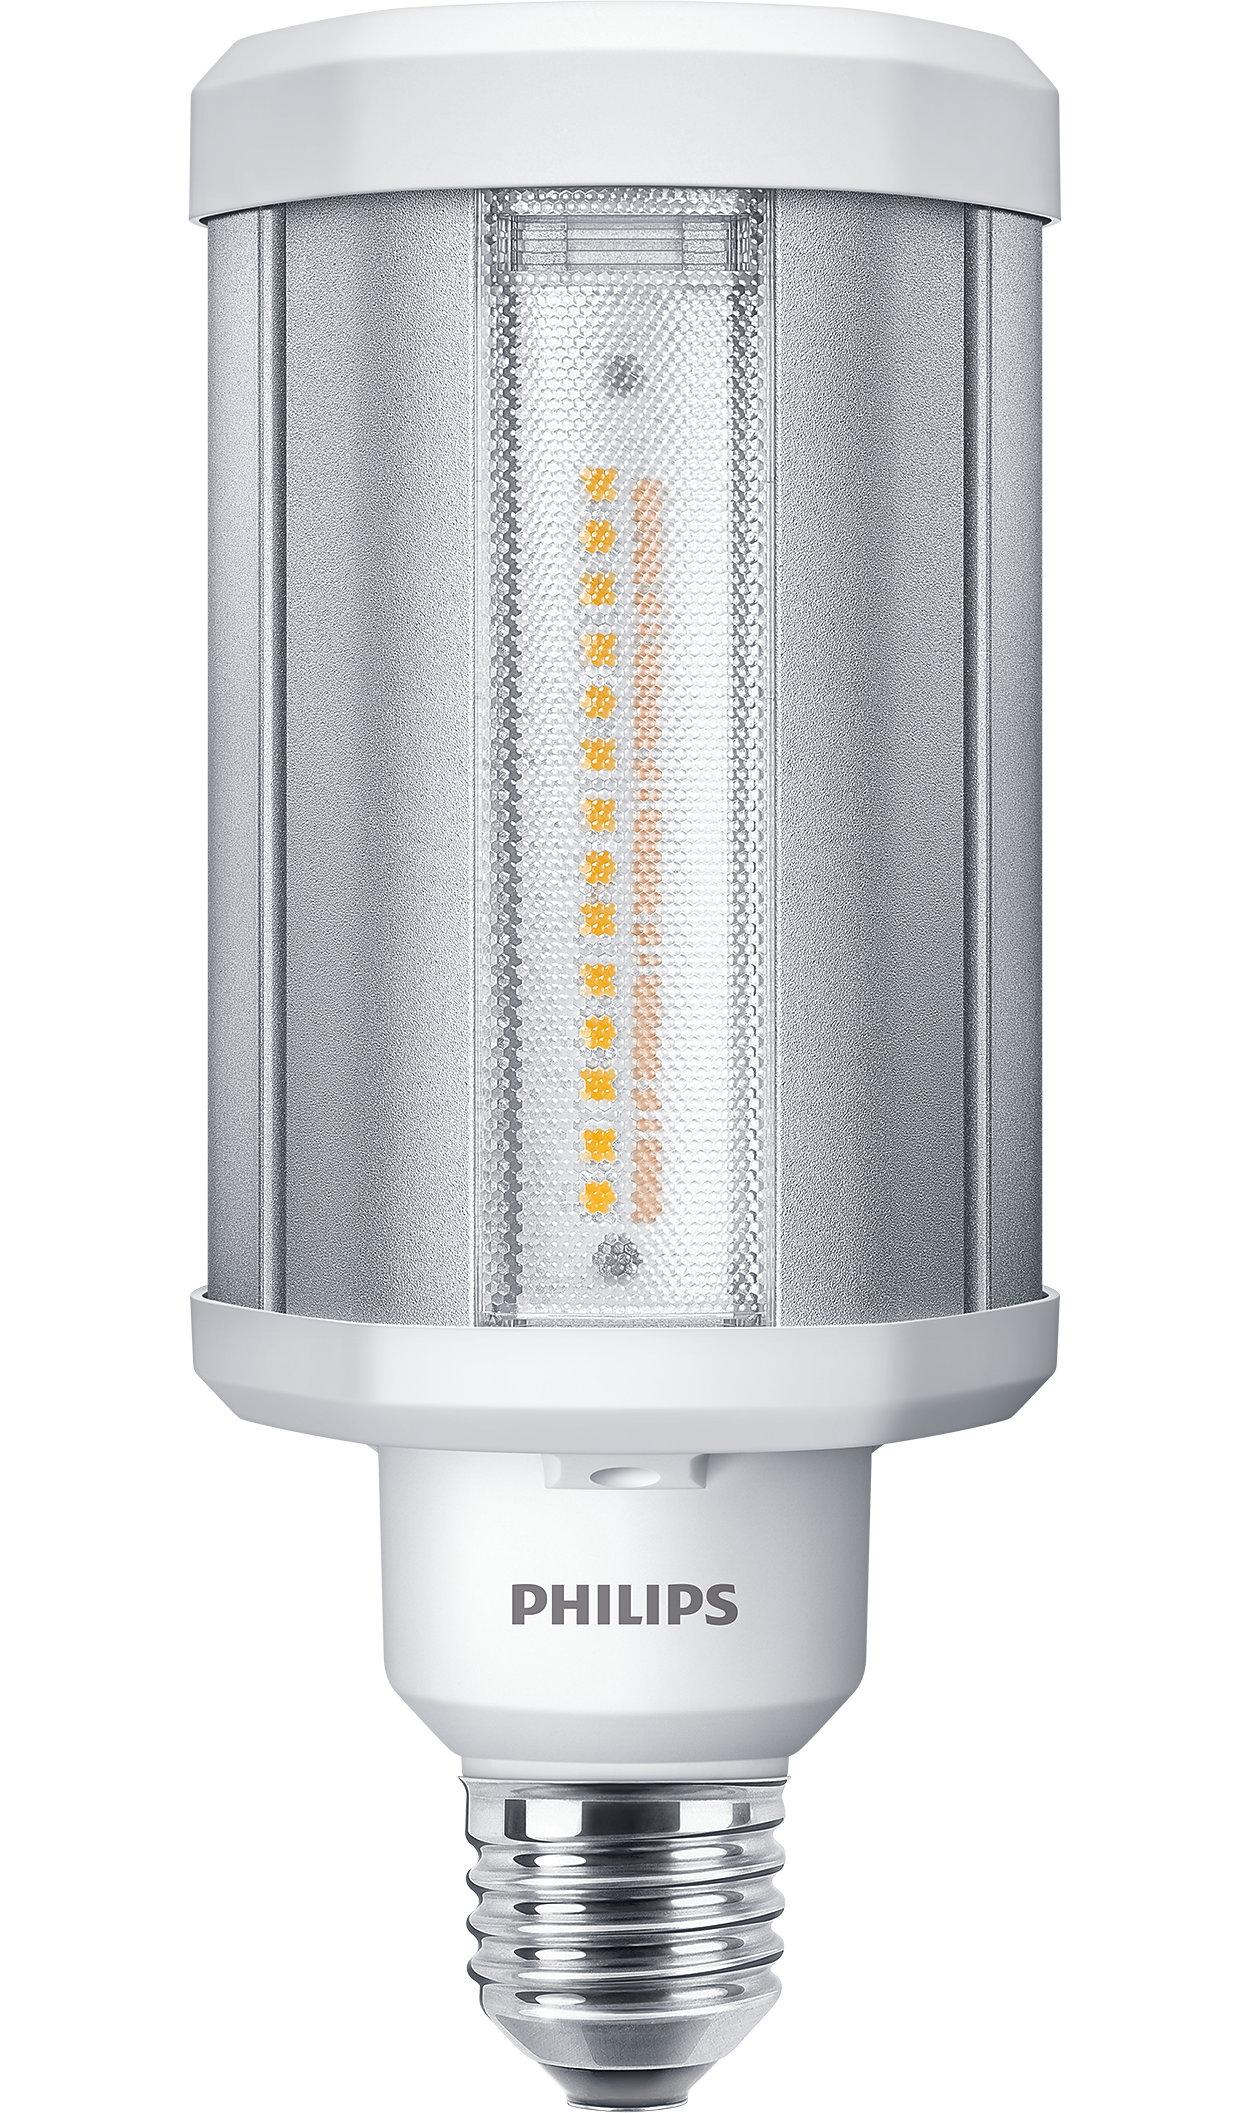 La meilleure solution LED pour le remplacement des lampes à décharge haute intensité (HID, High-Intensity Discharge)